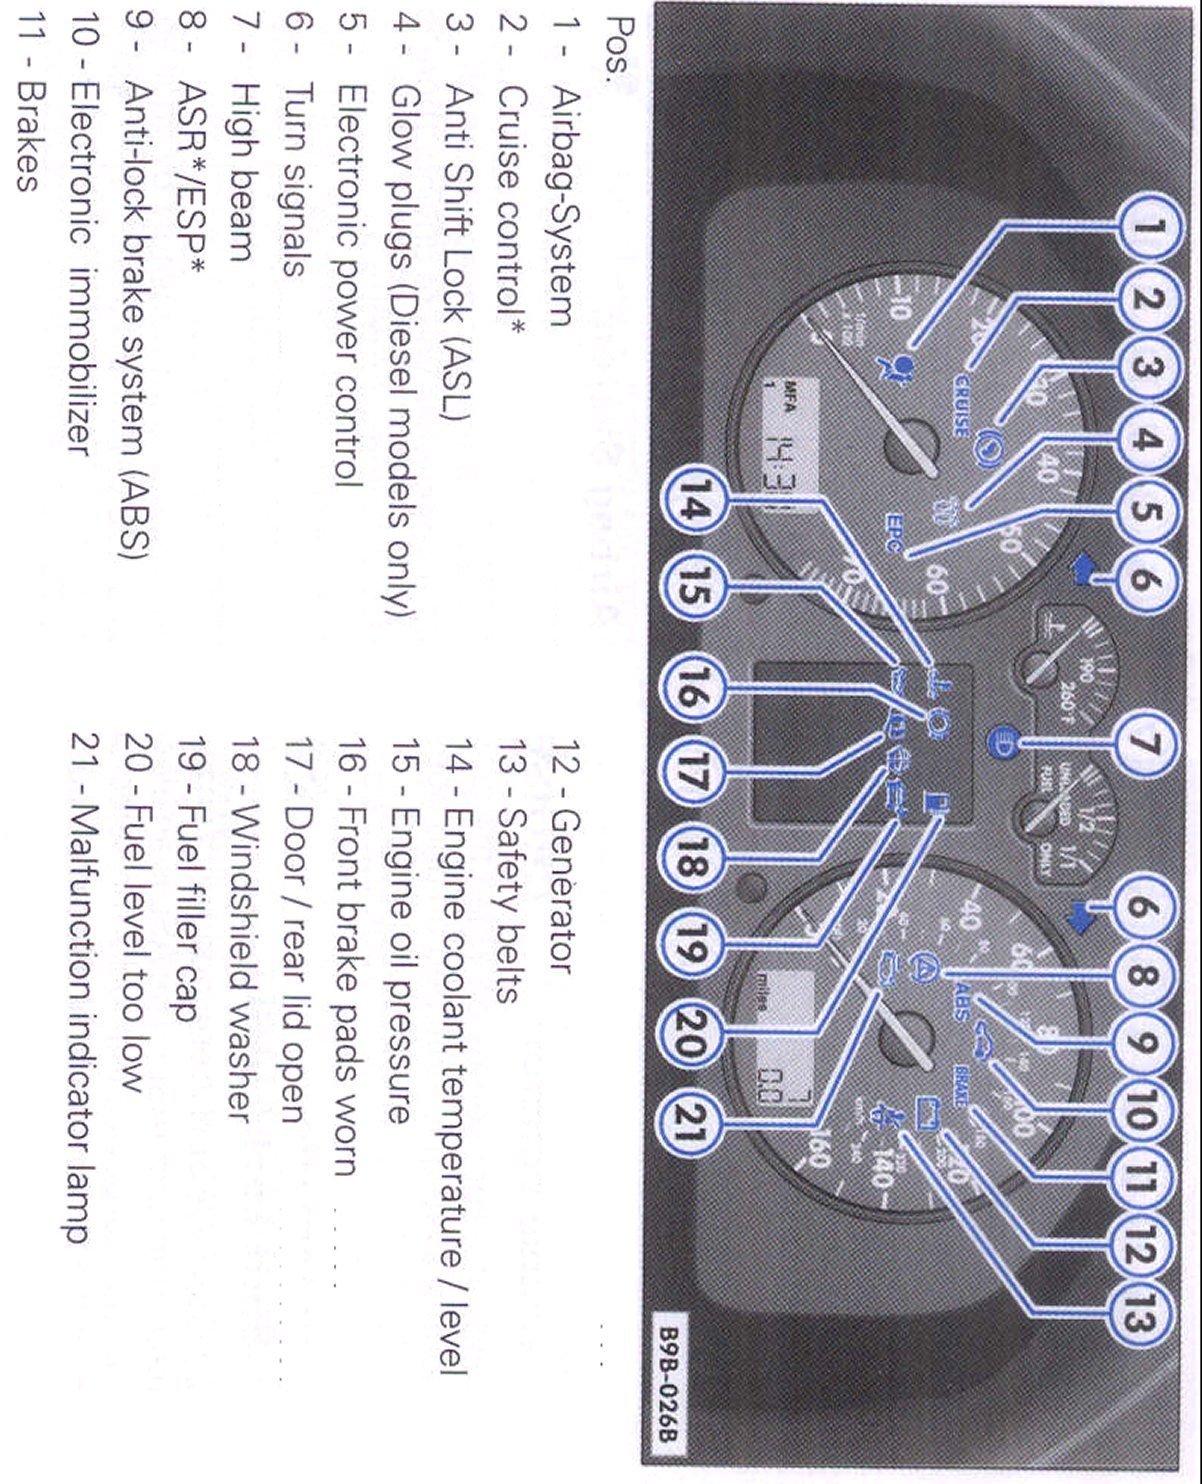 2009 Volkswagen Beetle Dash Symbols